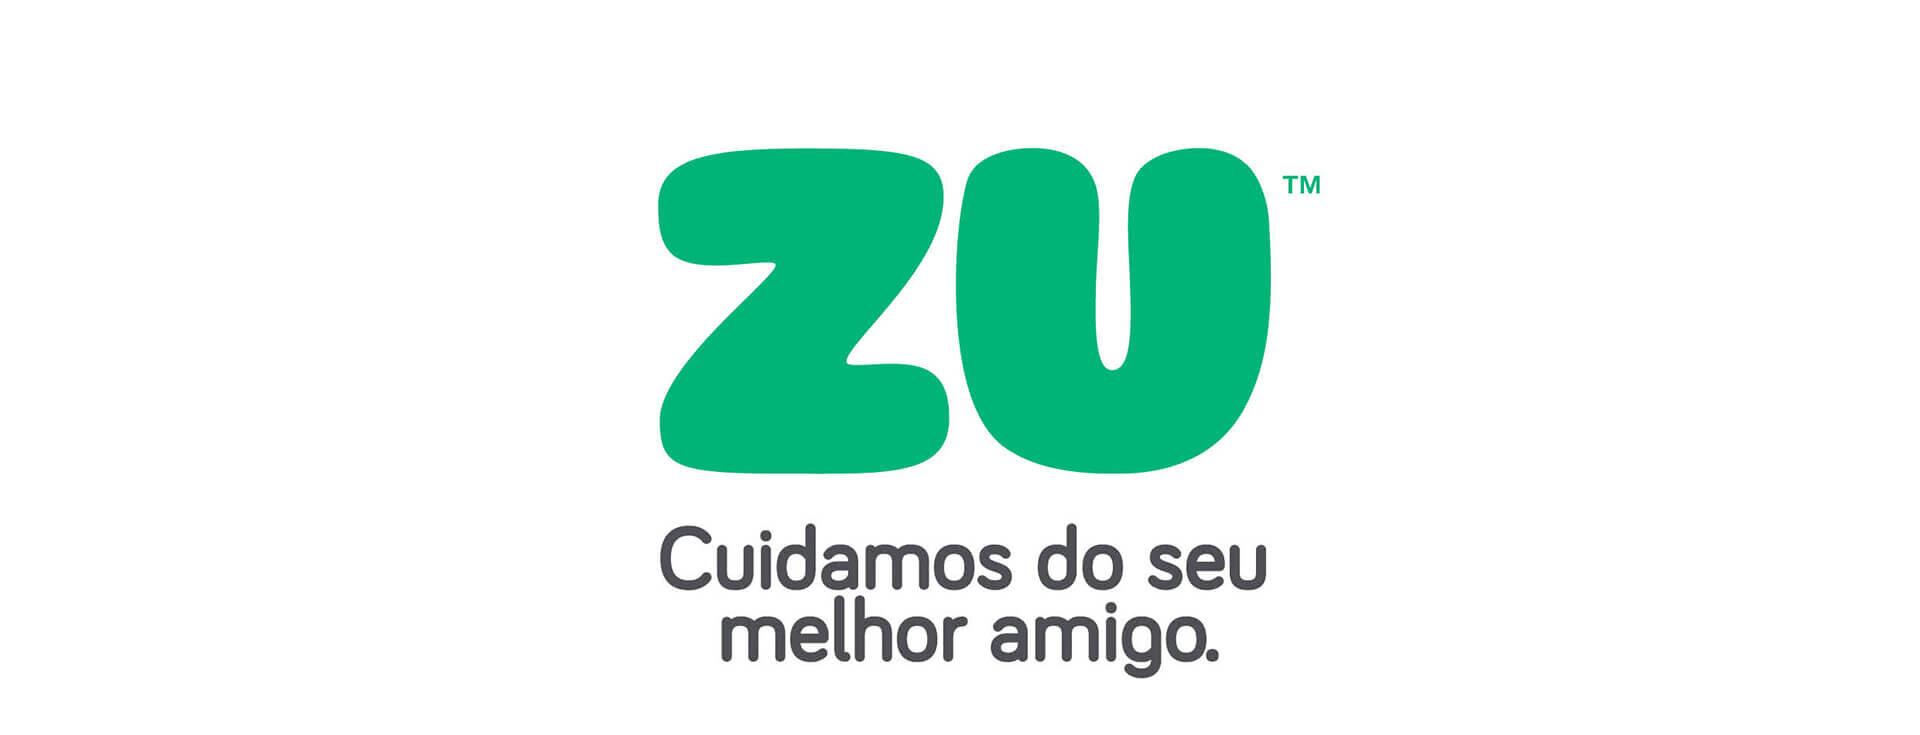 Zu logo sonae petcare logo